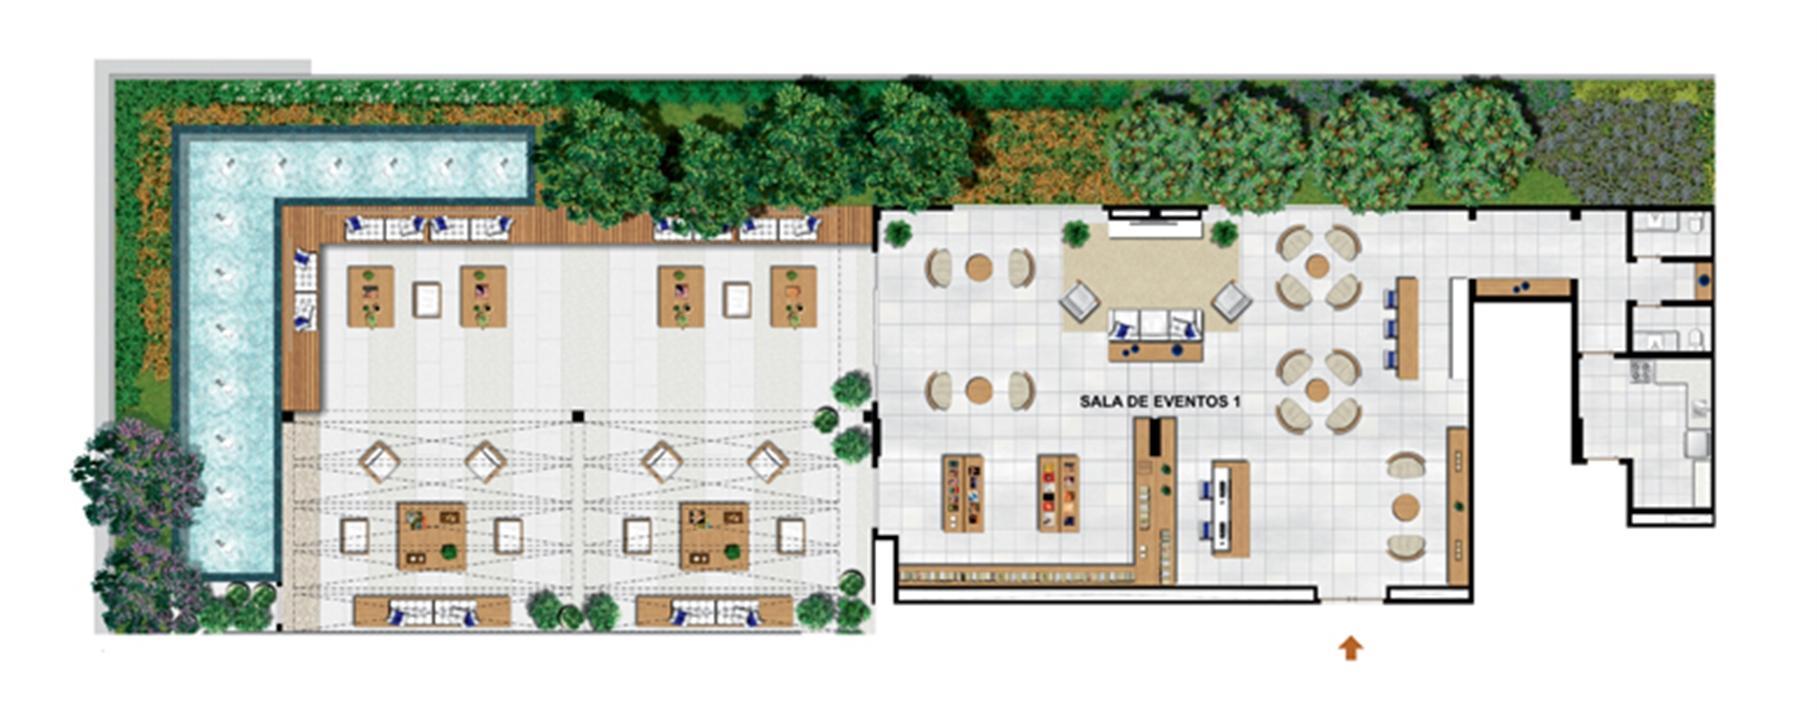 Planta de 503 m² privativos - Sky Lounge   Vega – Salas Comerciaisna  Asa Norte  - Brasília - Distrito Federal